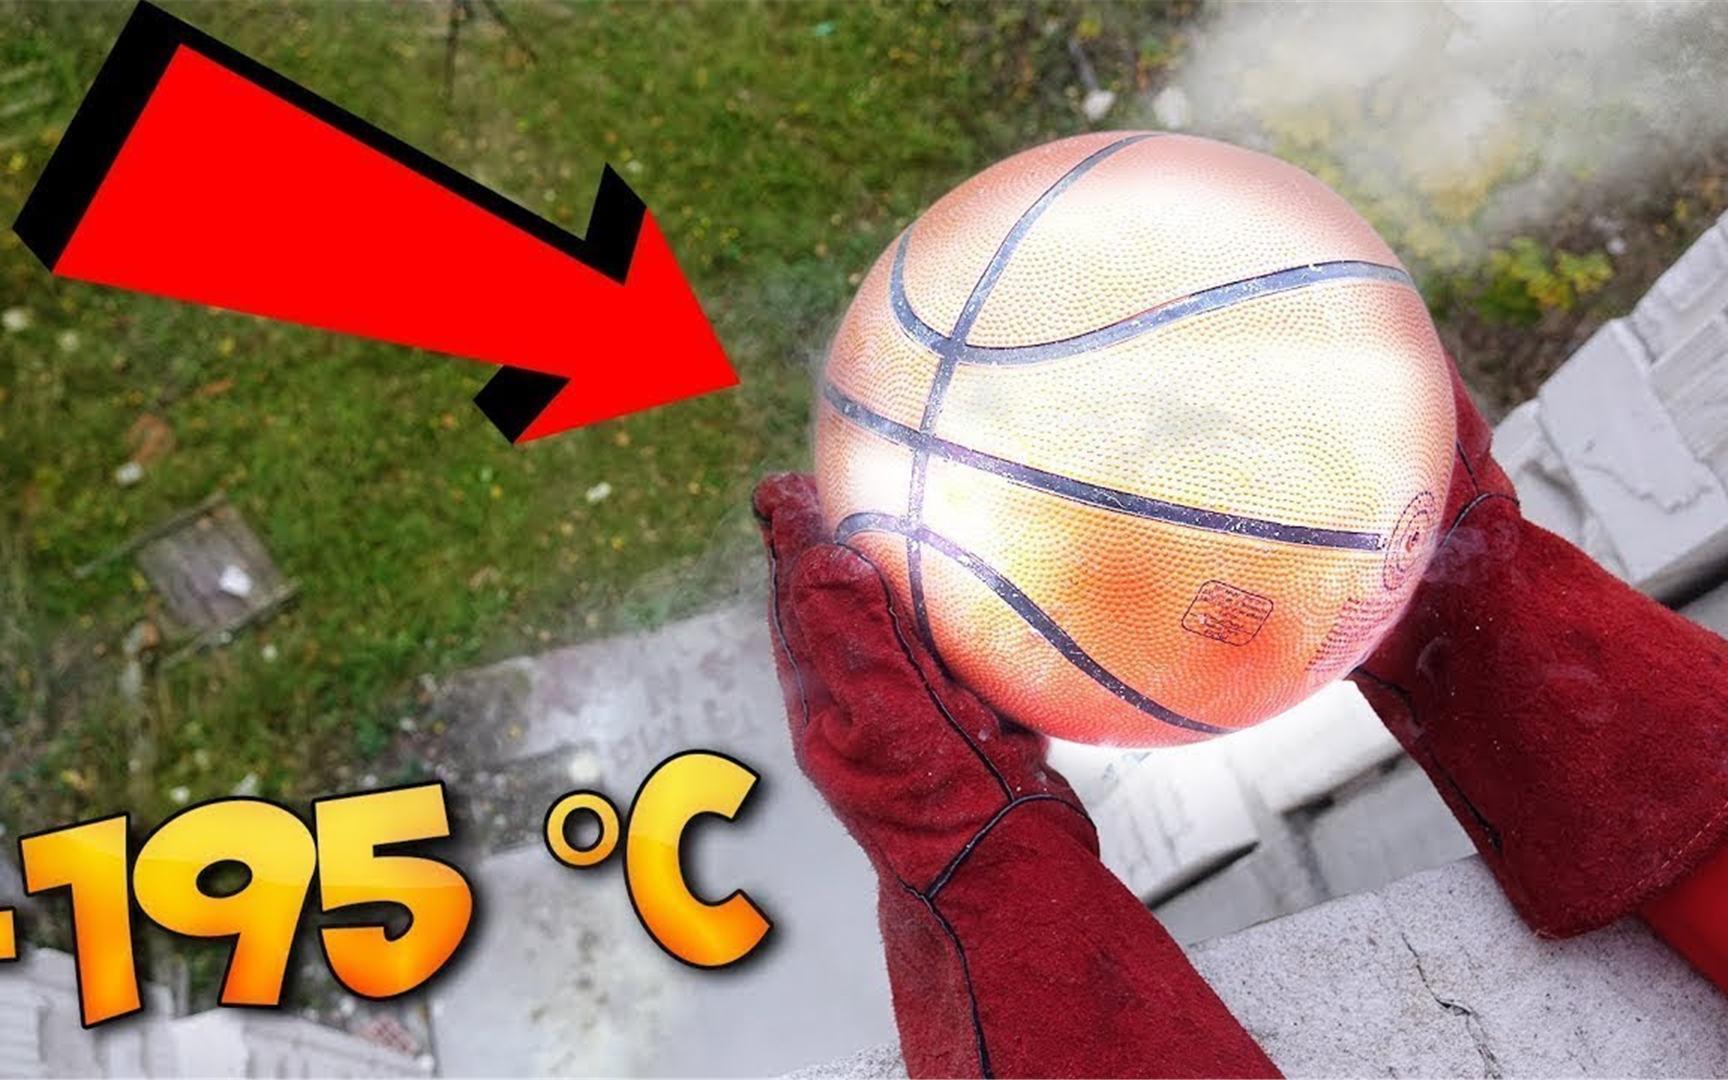 老外把篮球浸泡在液氮里,随后从楼下扔下,结果让人有些意外!